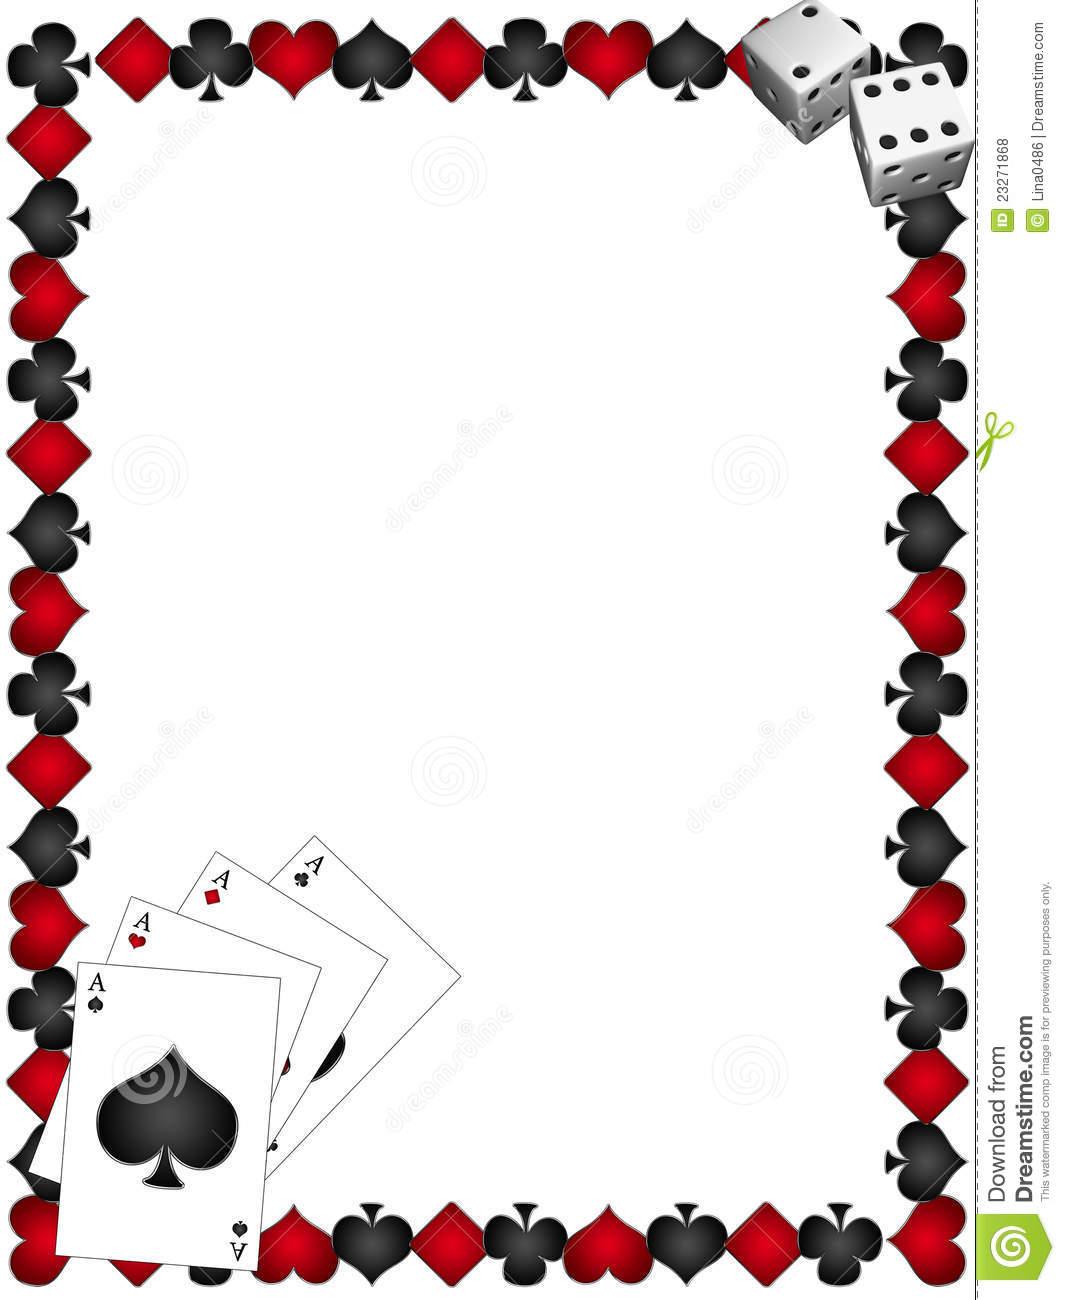 Bridge Game Clip Art Free